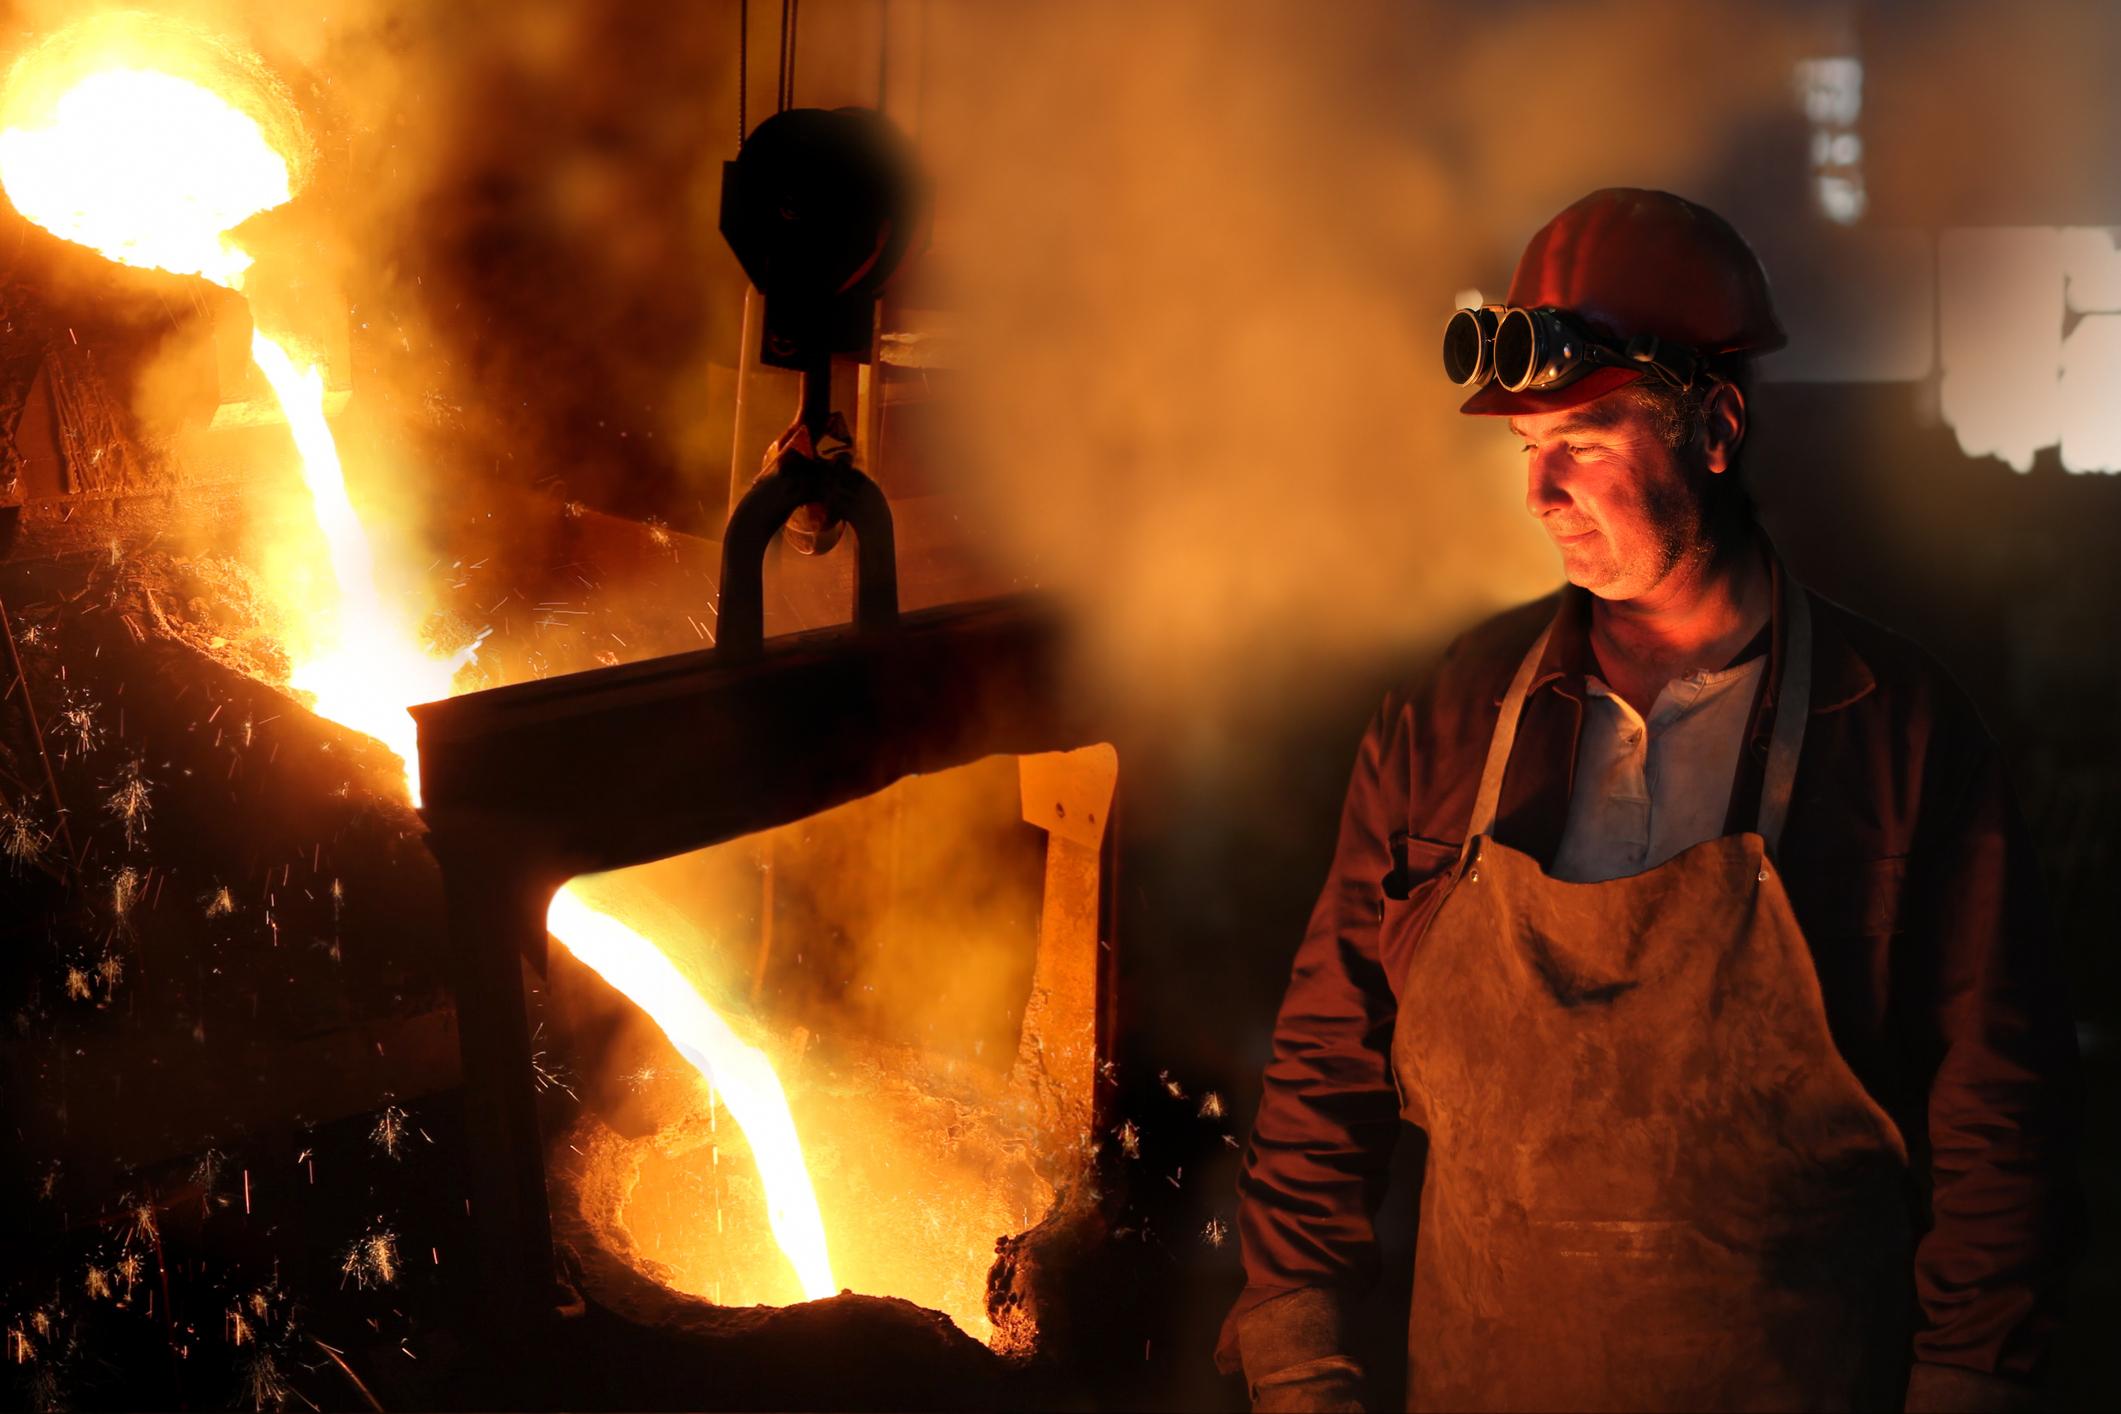 A steelworker shaping steel.